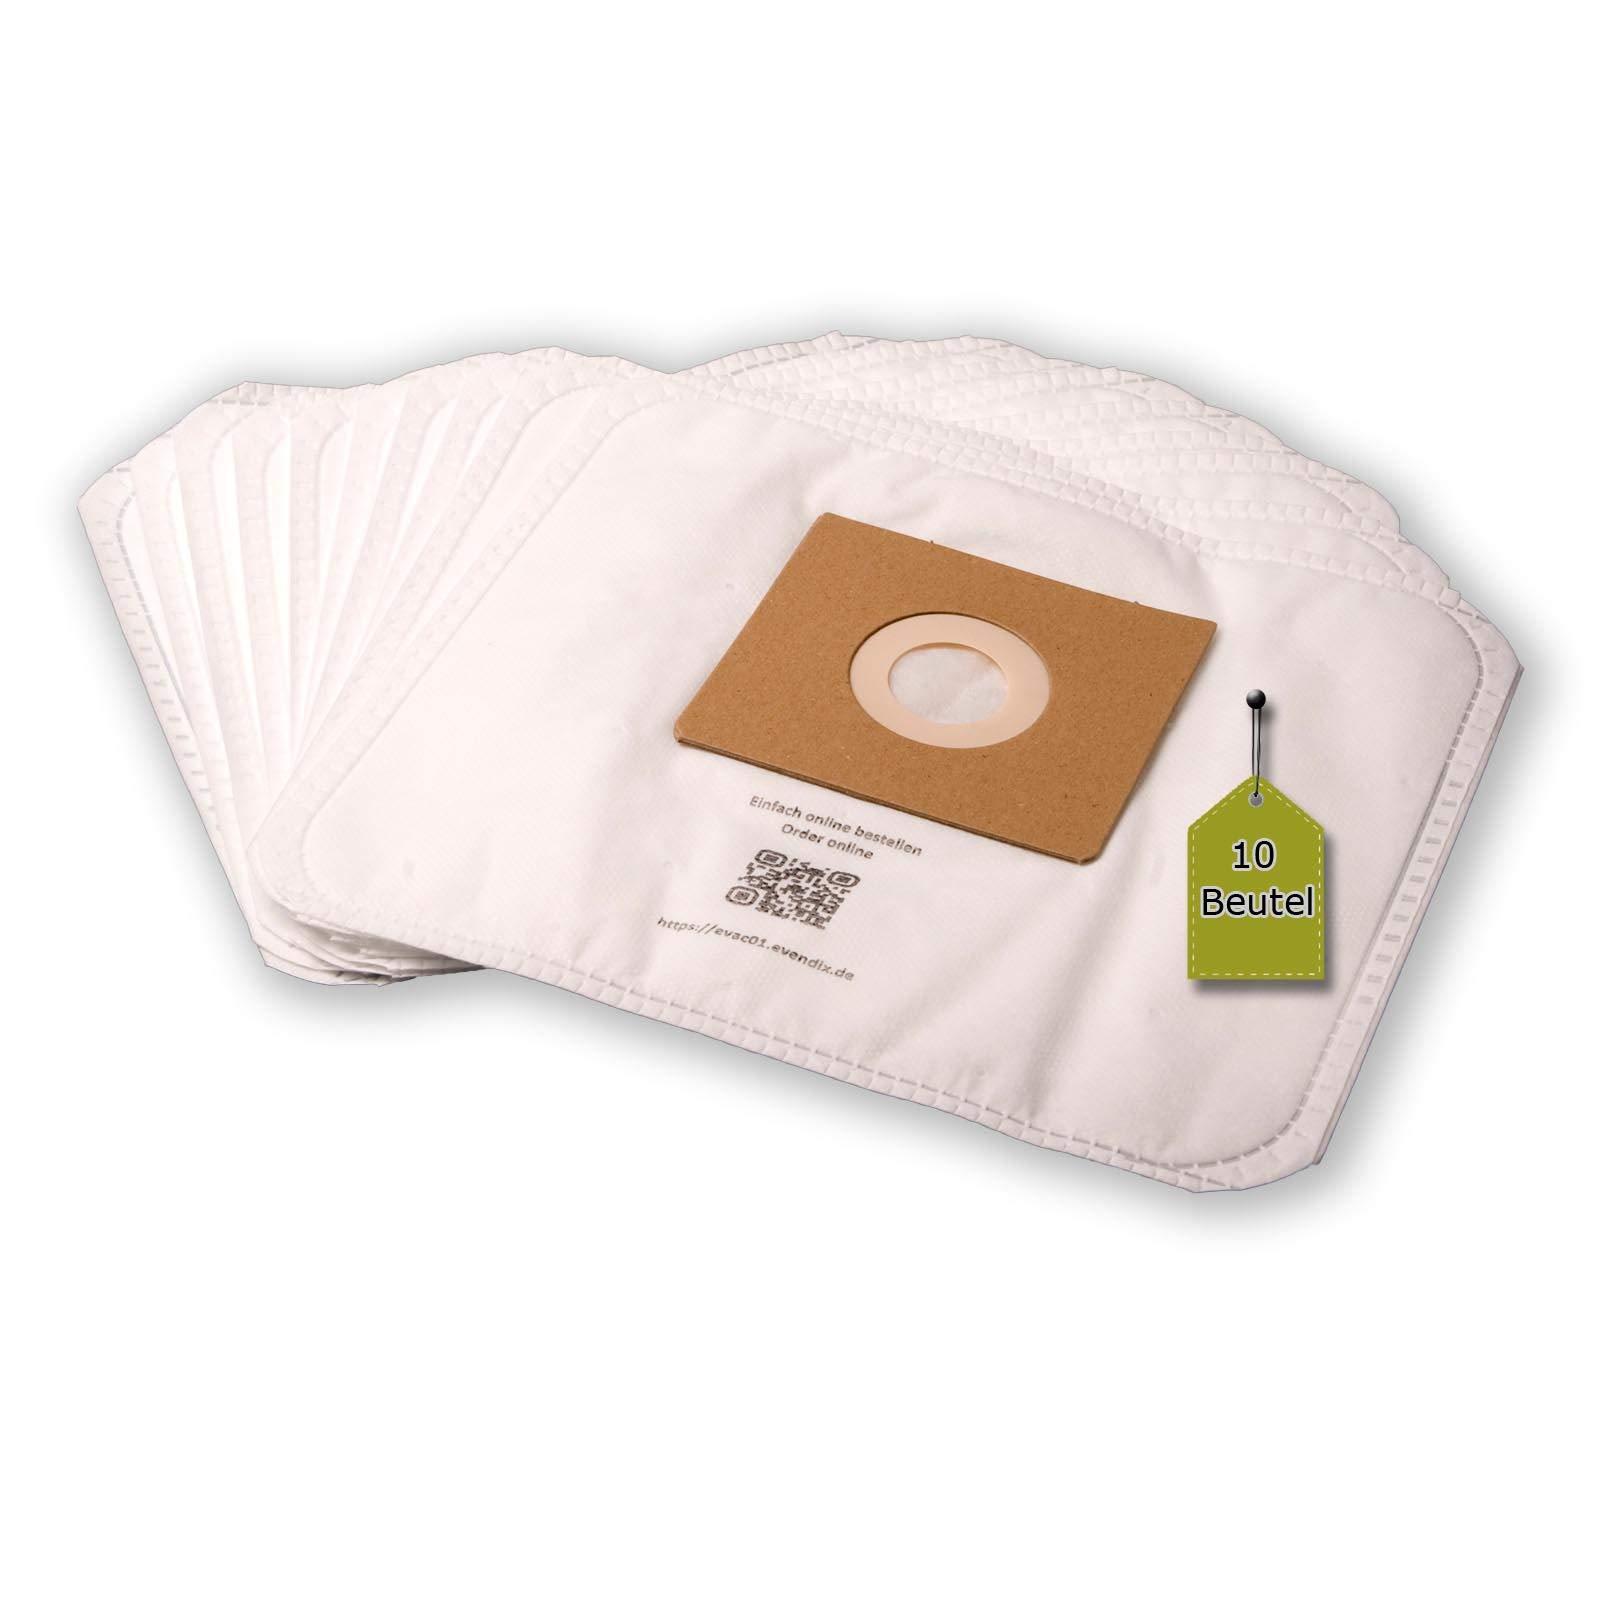 1 microfiltro /10 Bolsas de Polvo eVendix Bolsa de aspiradora Adecuada para Ok./OVC 205 /Compatible con Swirl Y05 Y45